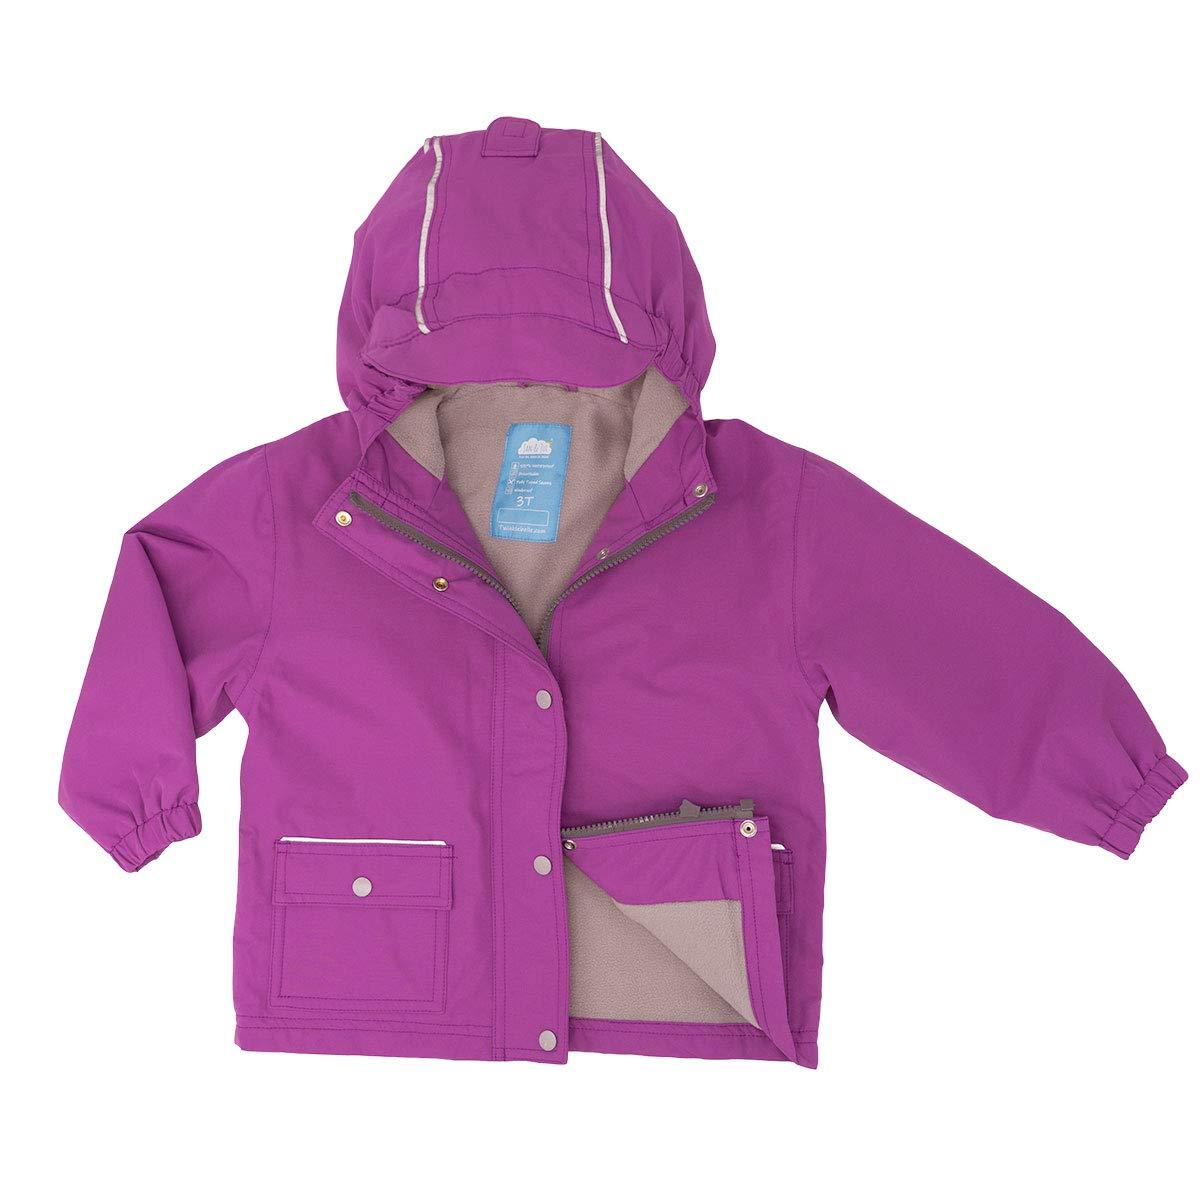 JAN & JUL Kids Waterproof Rain Jacket (Purple, 5T) by JAN & JUL